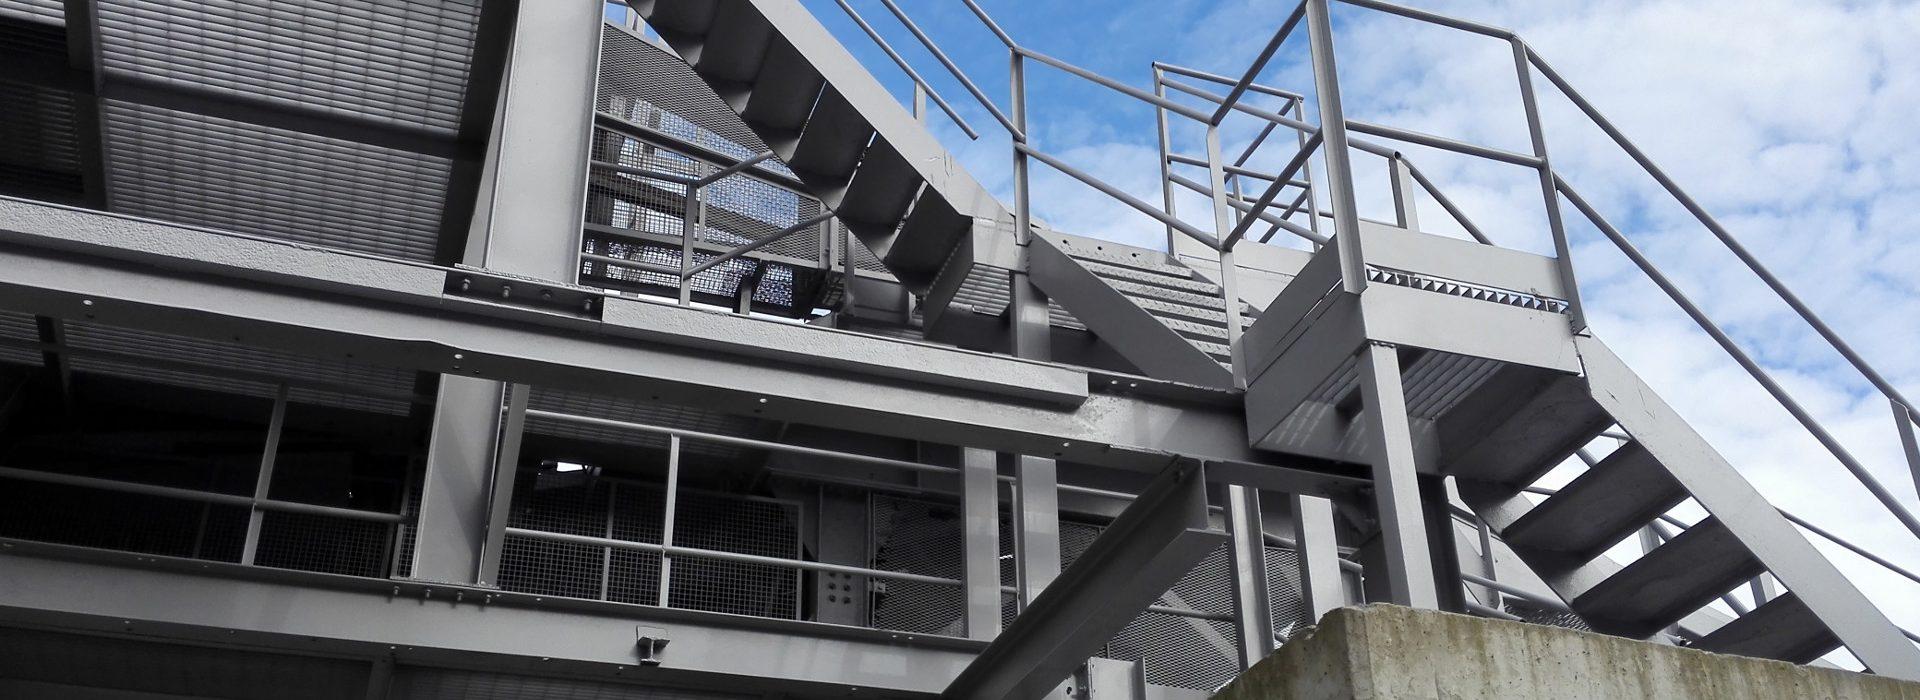 Ladder Platform Walkway Installations